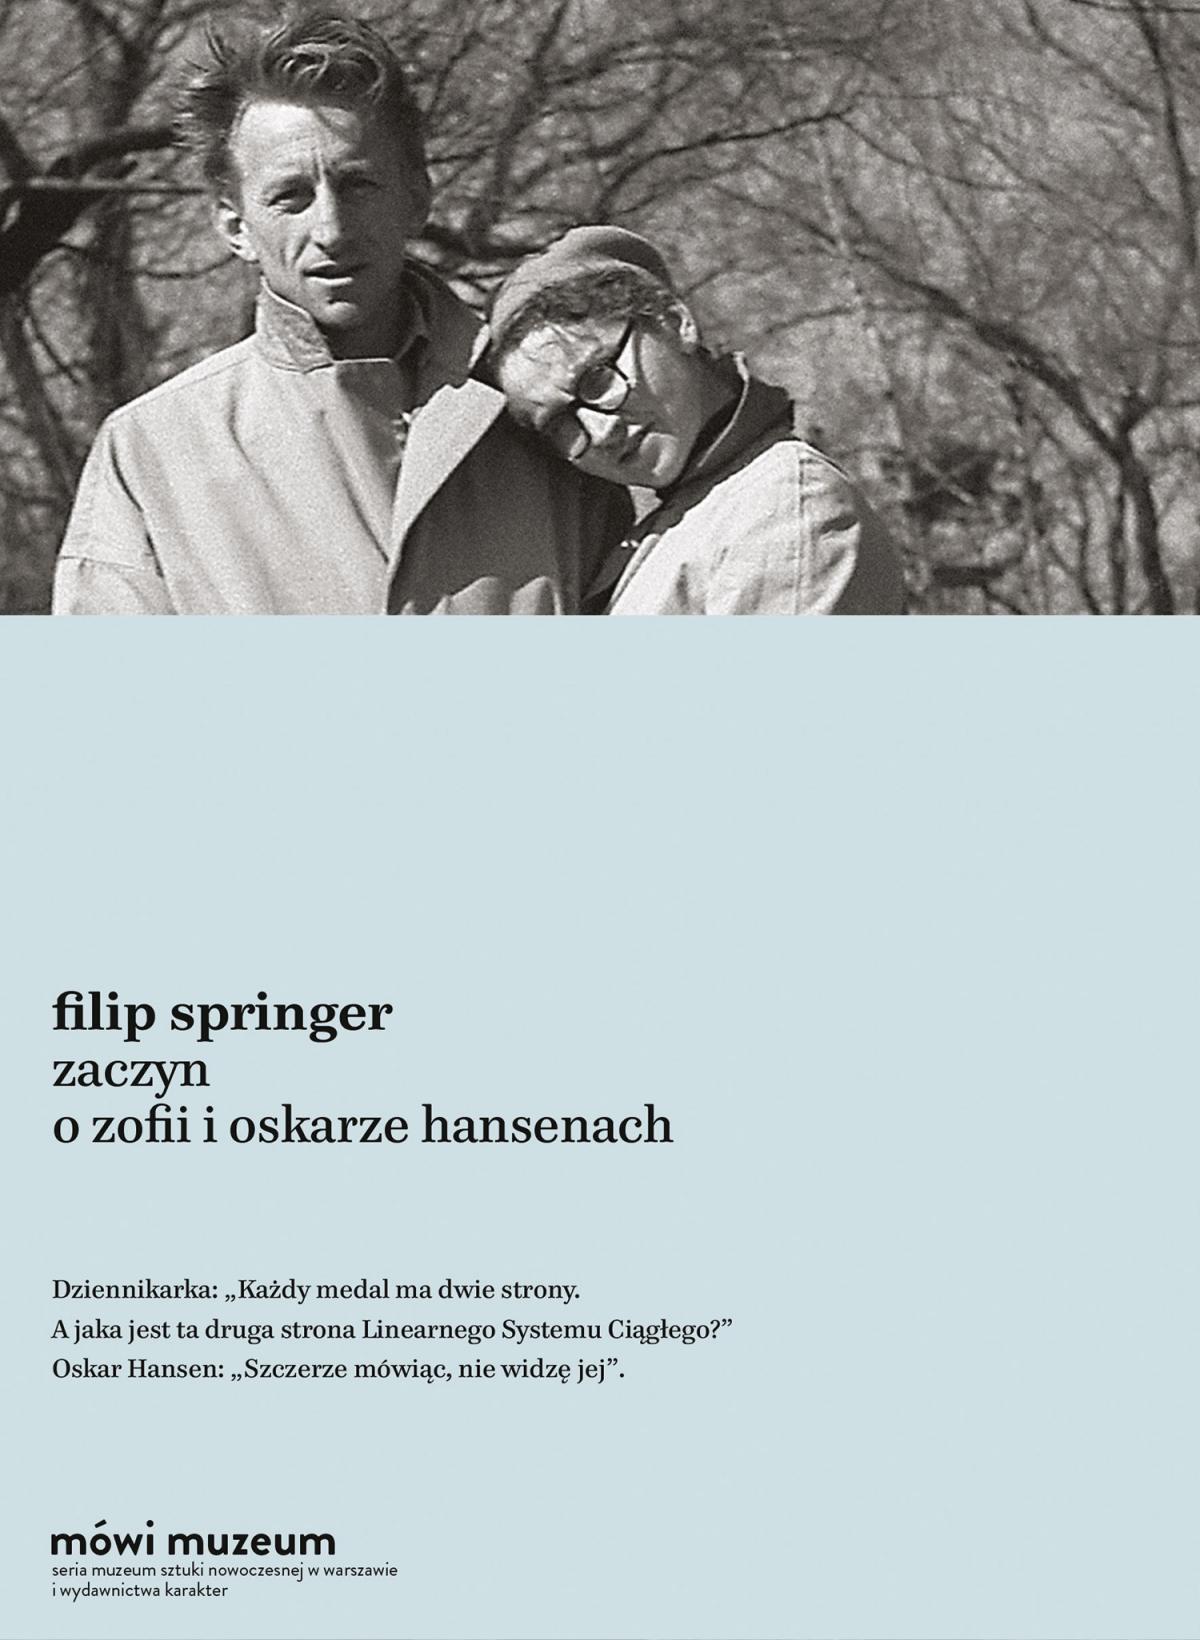 Zaczyn. O Zofii i Oskarze Hansenach - Ebook (Książka na Kindle) do pobrania w formacie MOBI